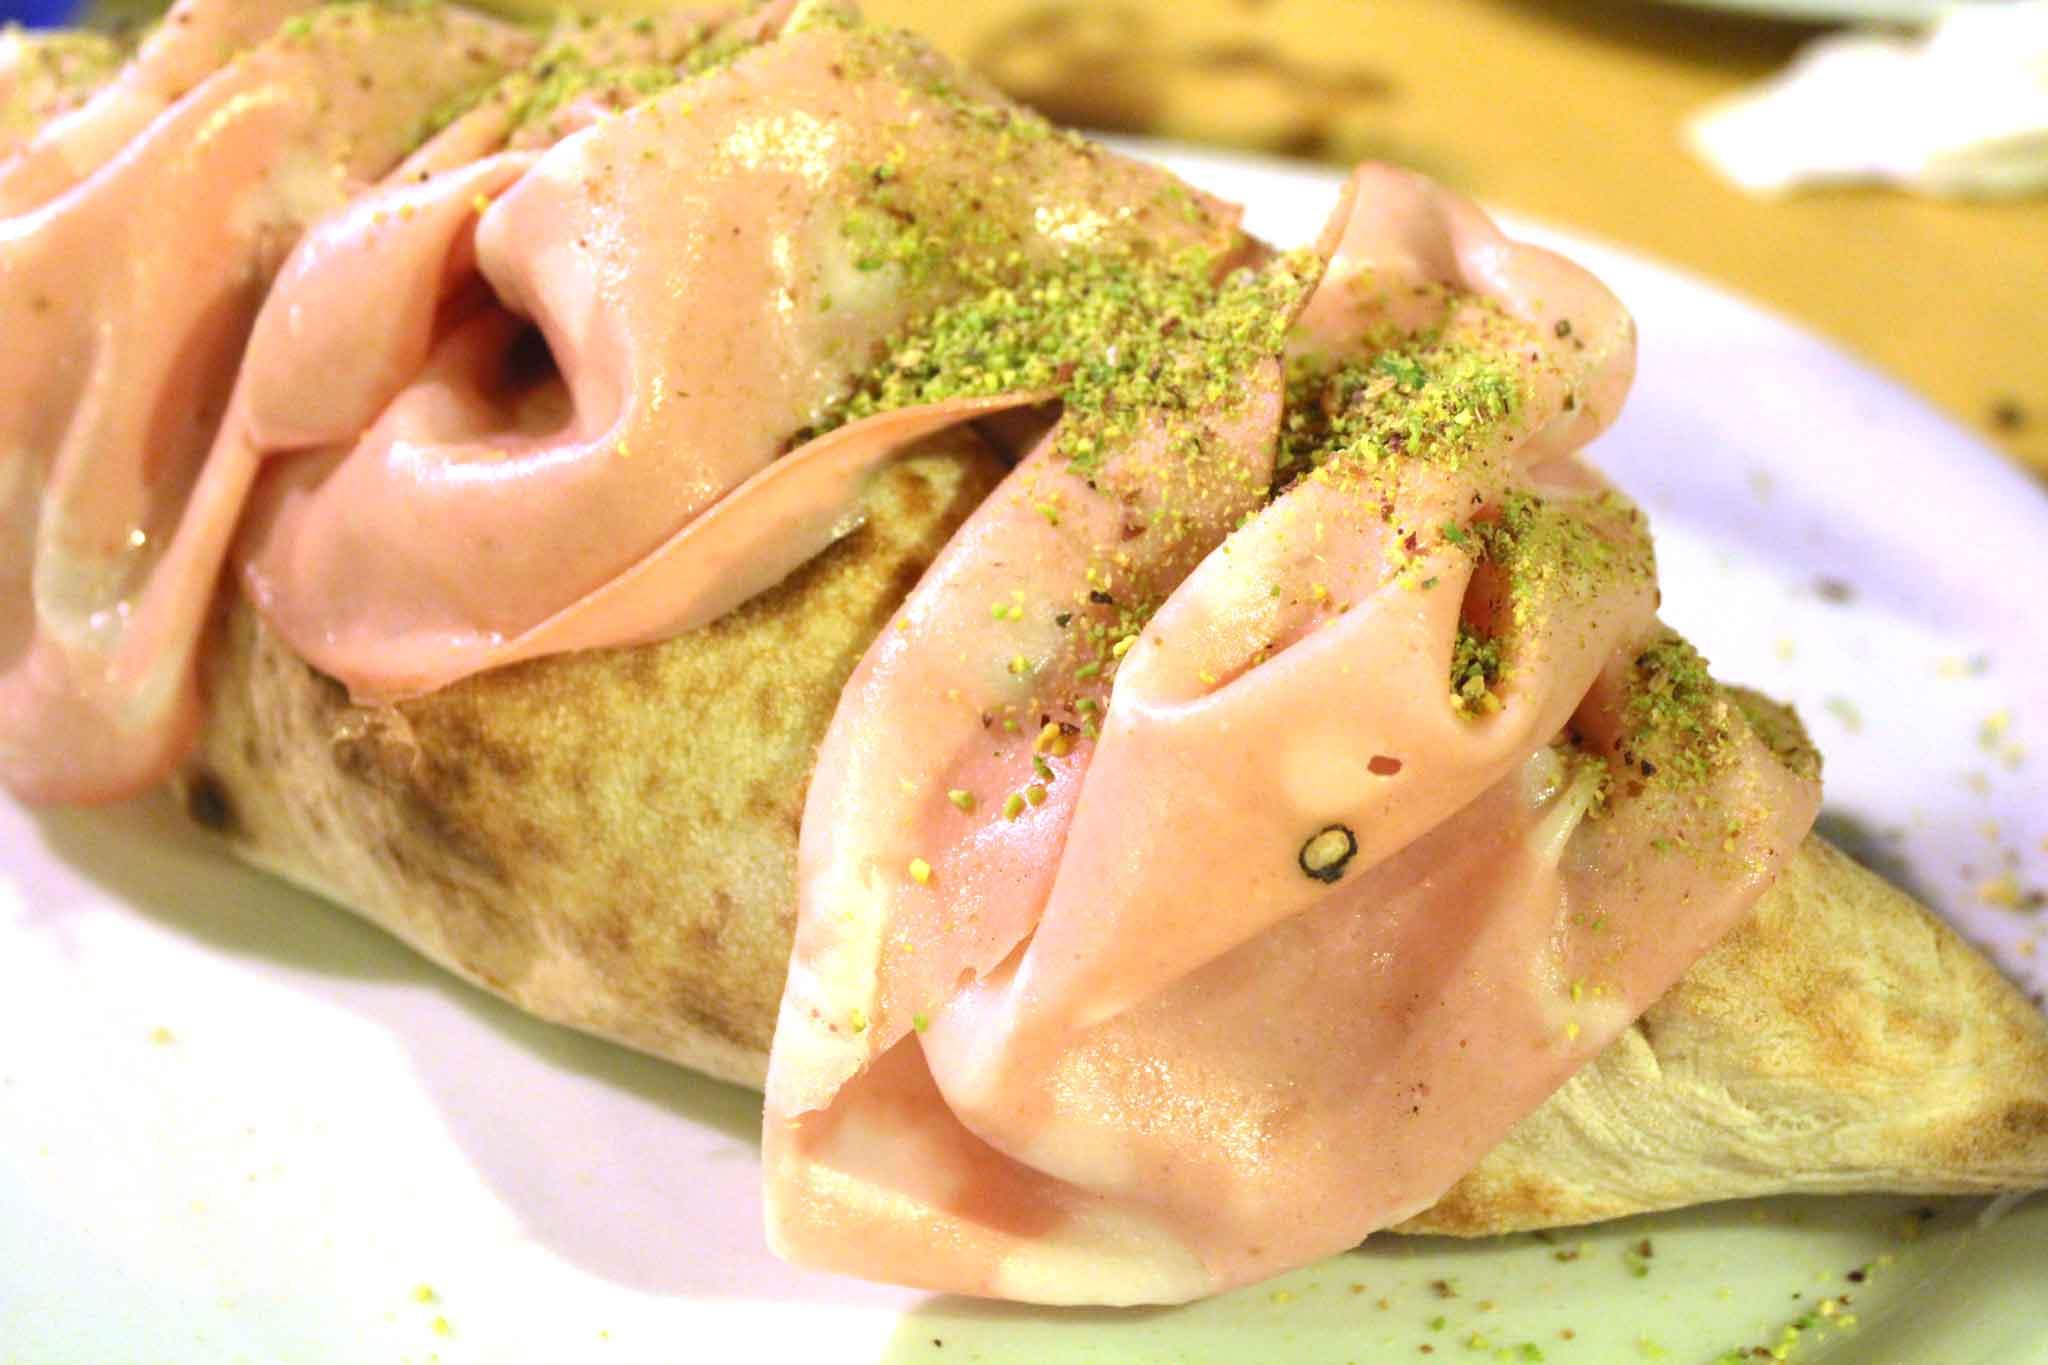 pizzeria Sacre Pietre Sortino Sicilia sfilatino mortadella